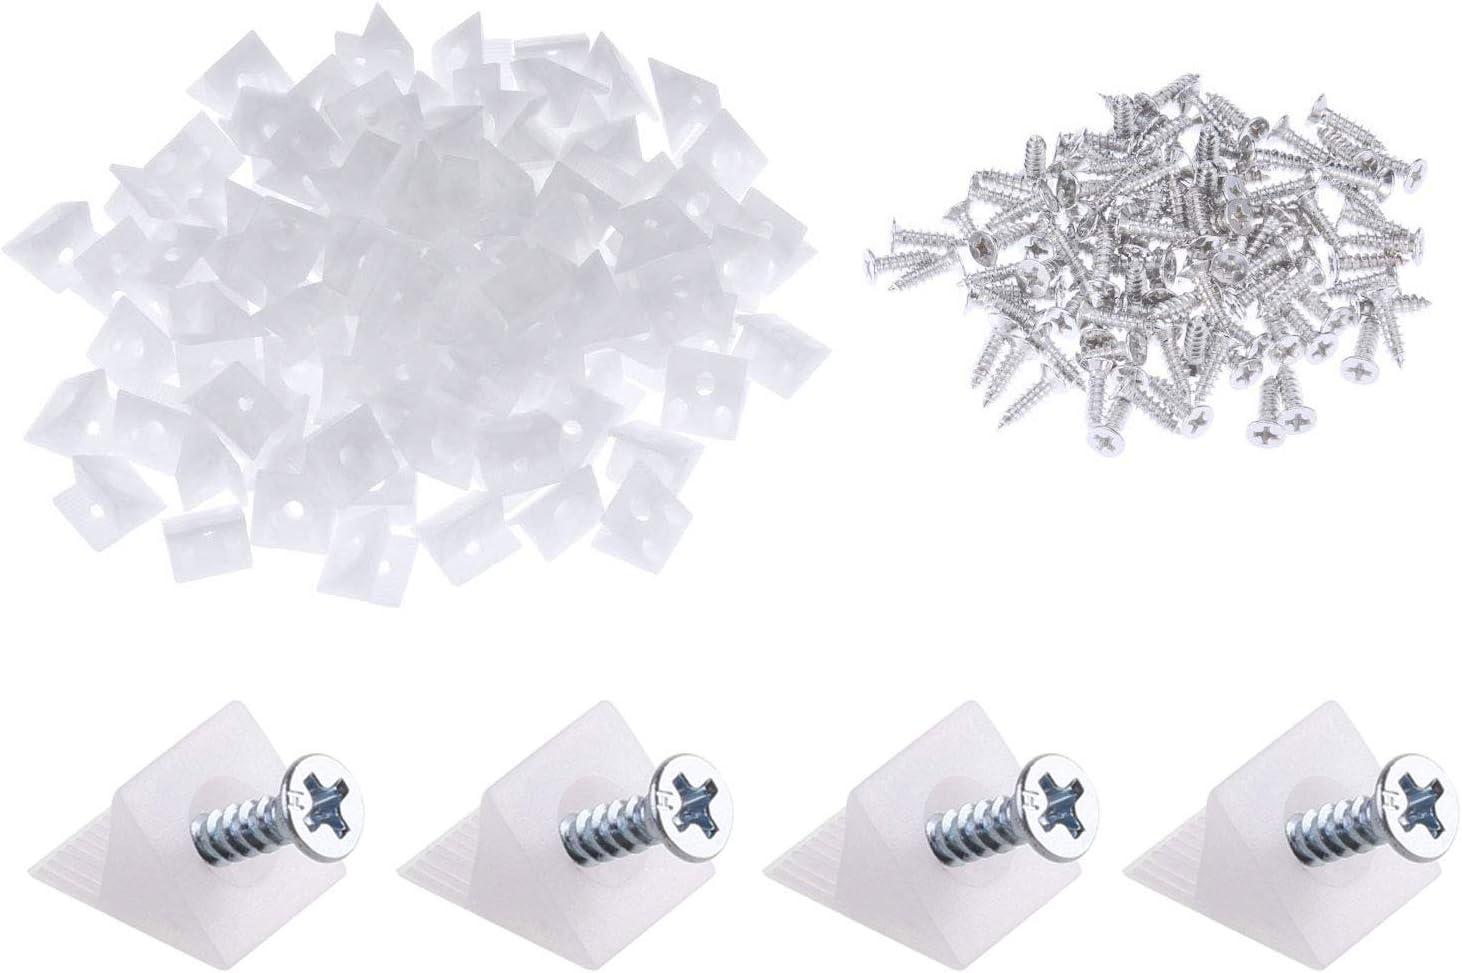 50 unidades de cajones de plástico para reparación de cajones y muebles, con tornillos